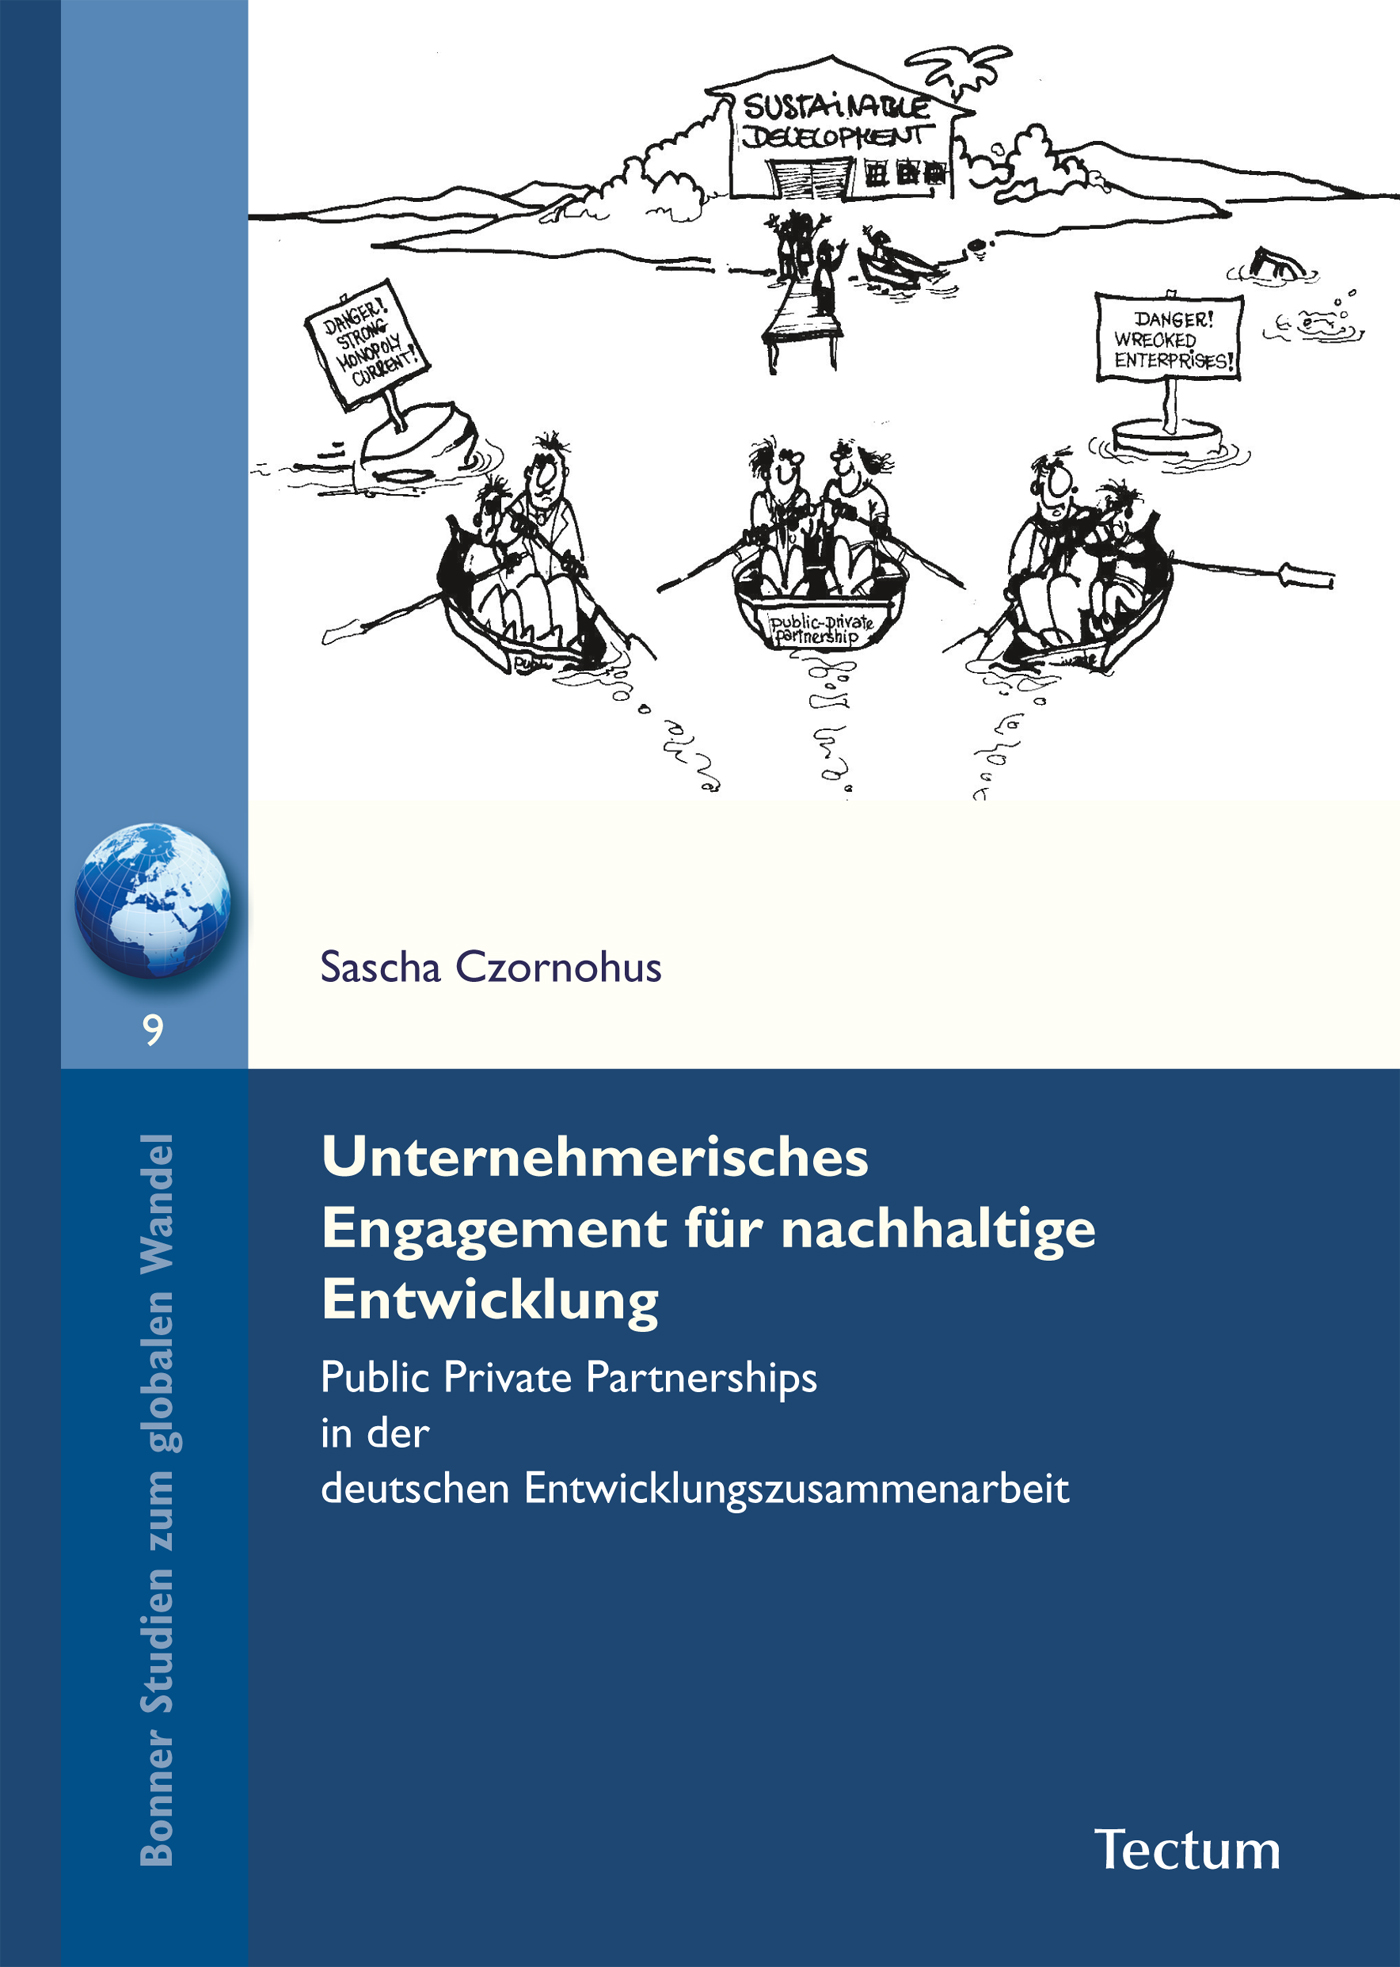 Sascha Czornohus Unternehmerisches Engagement für nachhaltige Entwicklung dimitar menkov entwicklung eines tutorials fur xquery